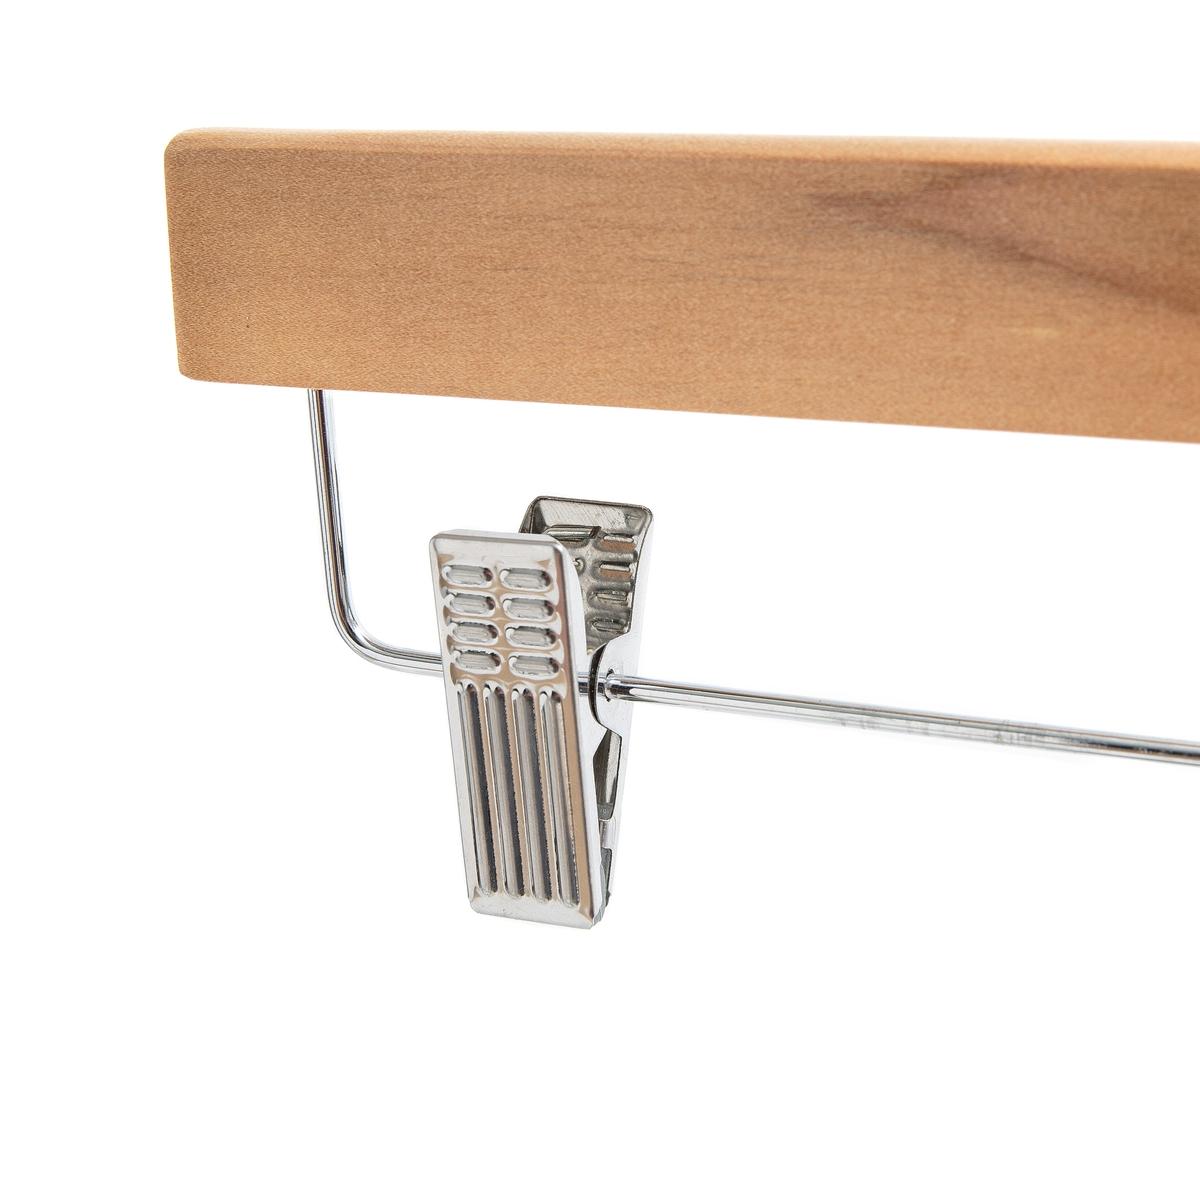 2 вешалки для юбок и брюкКомплект из 2 вешалок для юбок и брюк. Вешалки из металла и натурального дерева с регулируемыми по ширине зажимами позволят с легкостью повесить ваши вещи.Характеристики вешалок : Из металла и натурального дерева2 зажима с противоскользящим покрытием регулируются по ширине до 30,5 смРазмеры вешалок :Ширина : 35 см Толщина: 2,5 см Высота: 17 см  Размеры и вес упаковки :1 коробка 35 x 17 x 3 см.0,5 кгДоставка :Возможна доставка до квартиры по предварительному согласованию!Внимание ! Убедитесь, что посылку возможно доставить на дом, учитывая ее габариты.<br><br>Цвет: светло-коричневый